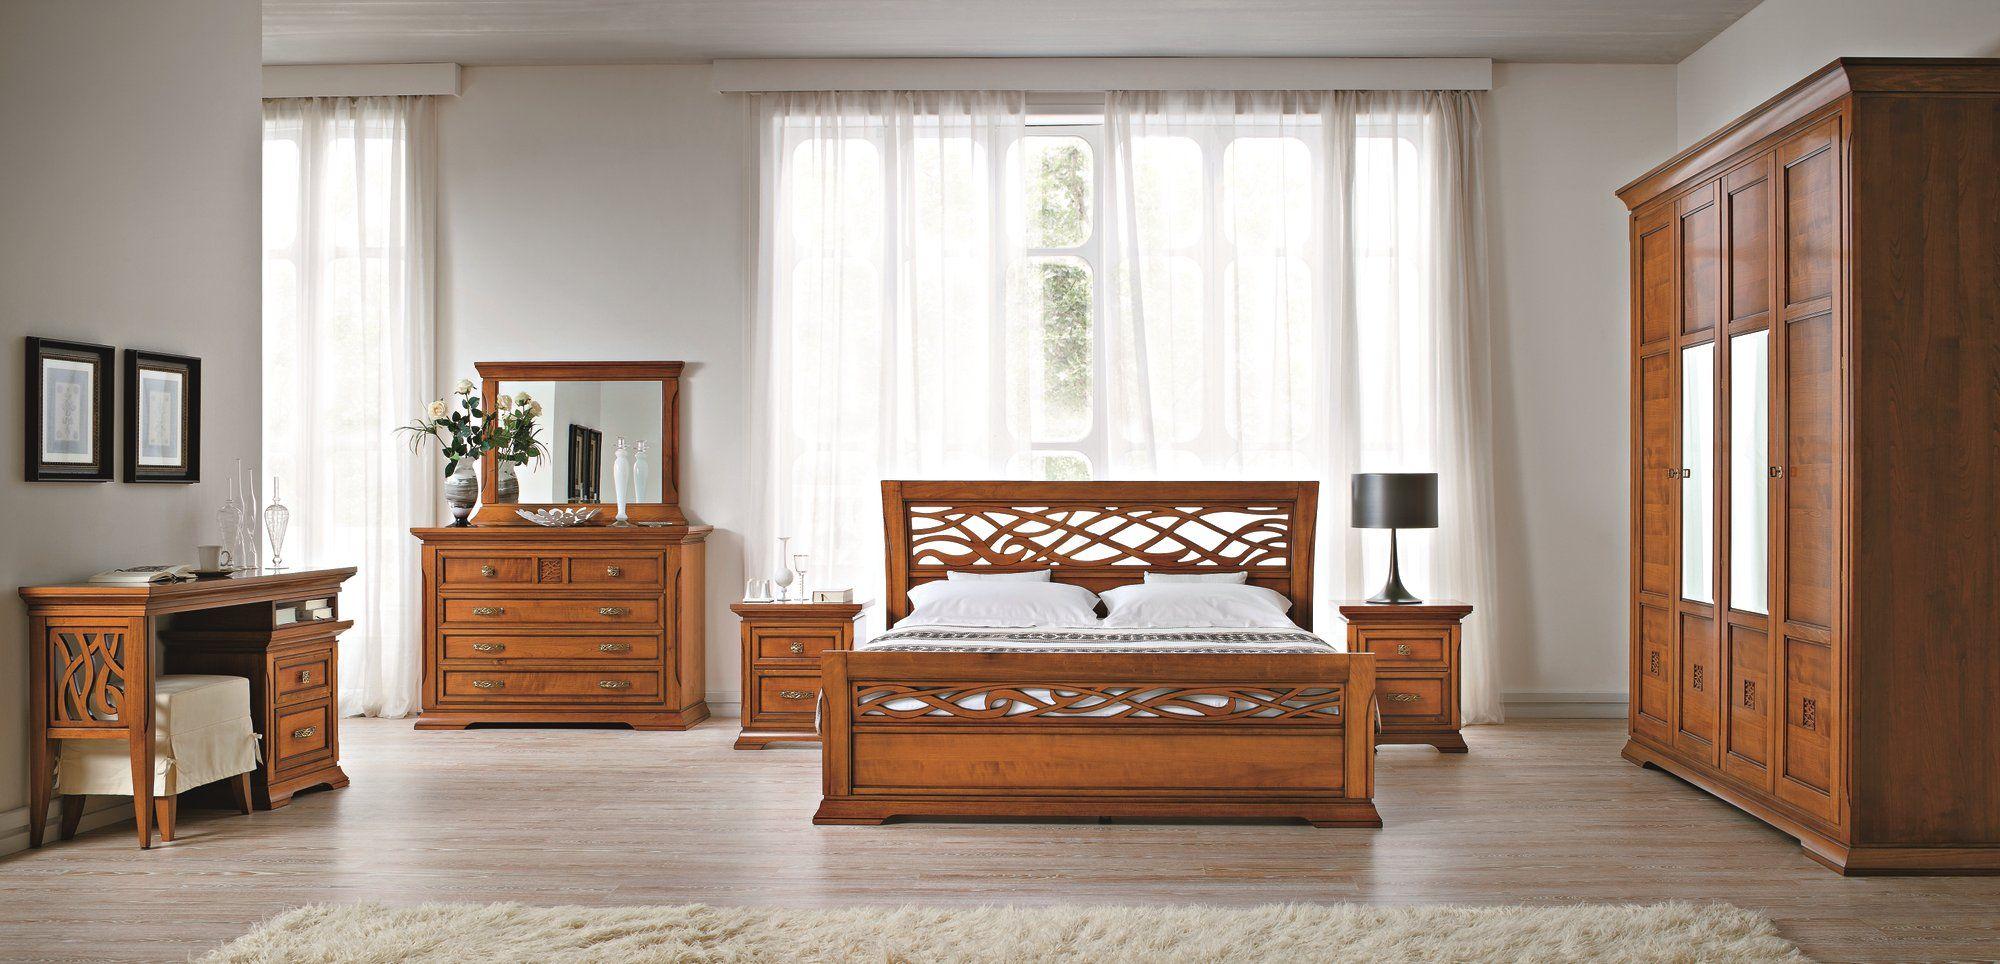 Bohemia letto contenitore by dall agnese design gianni for Oggettistica moderna